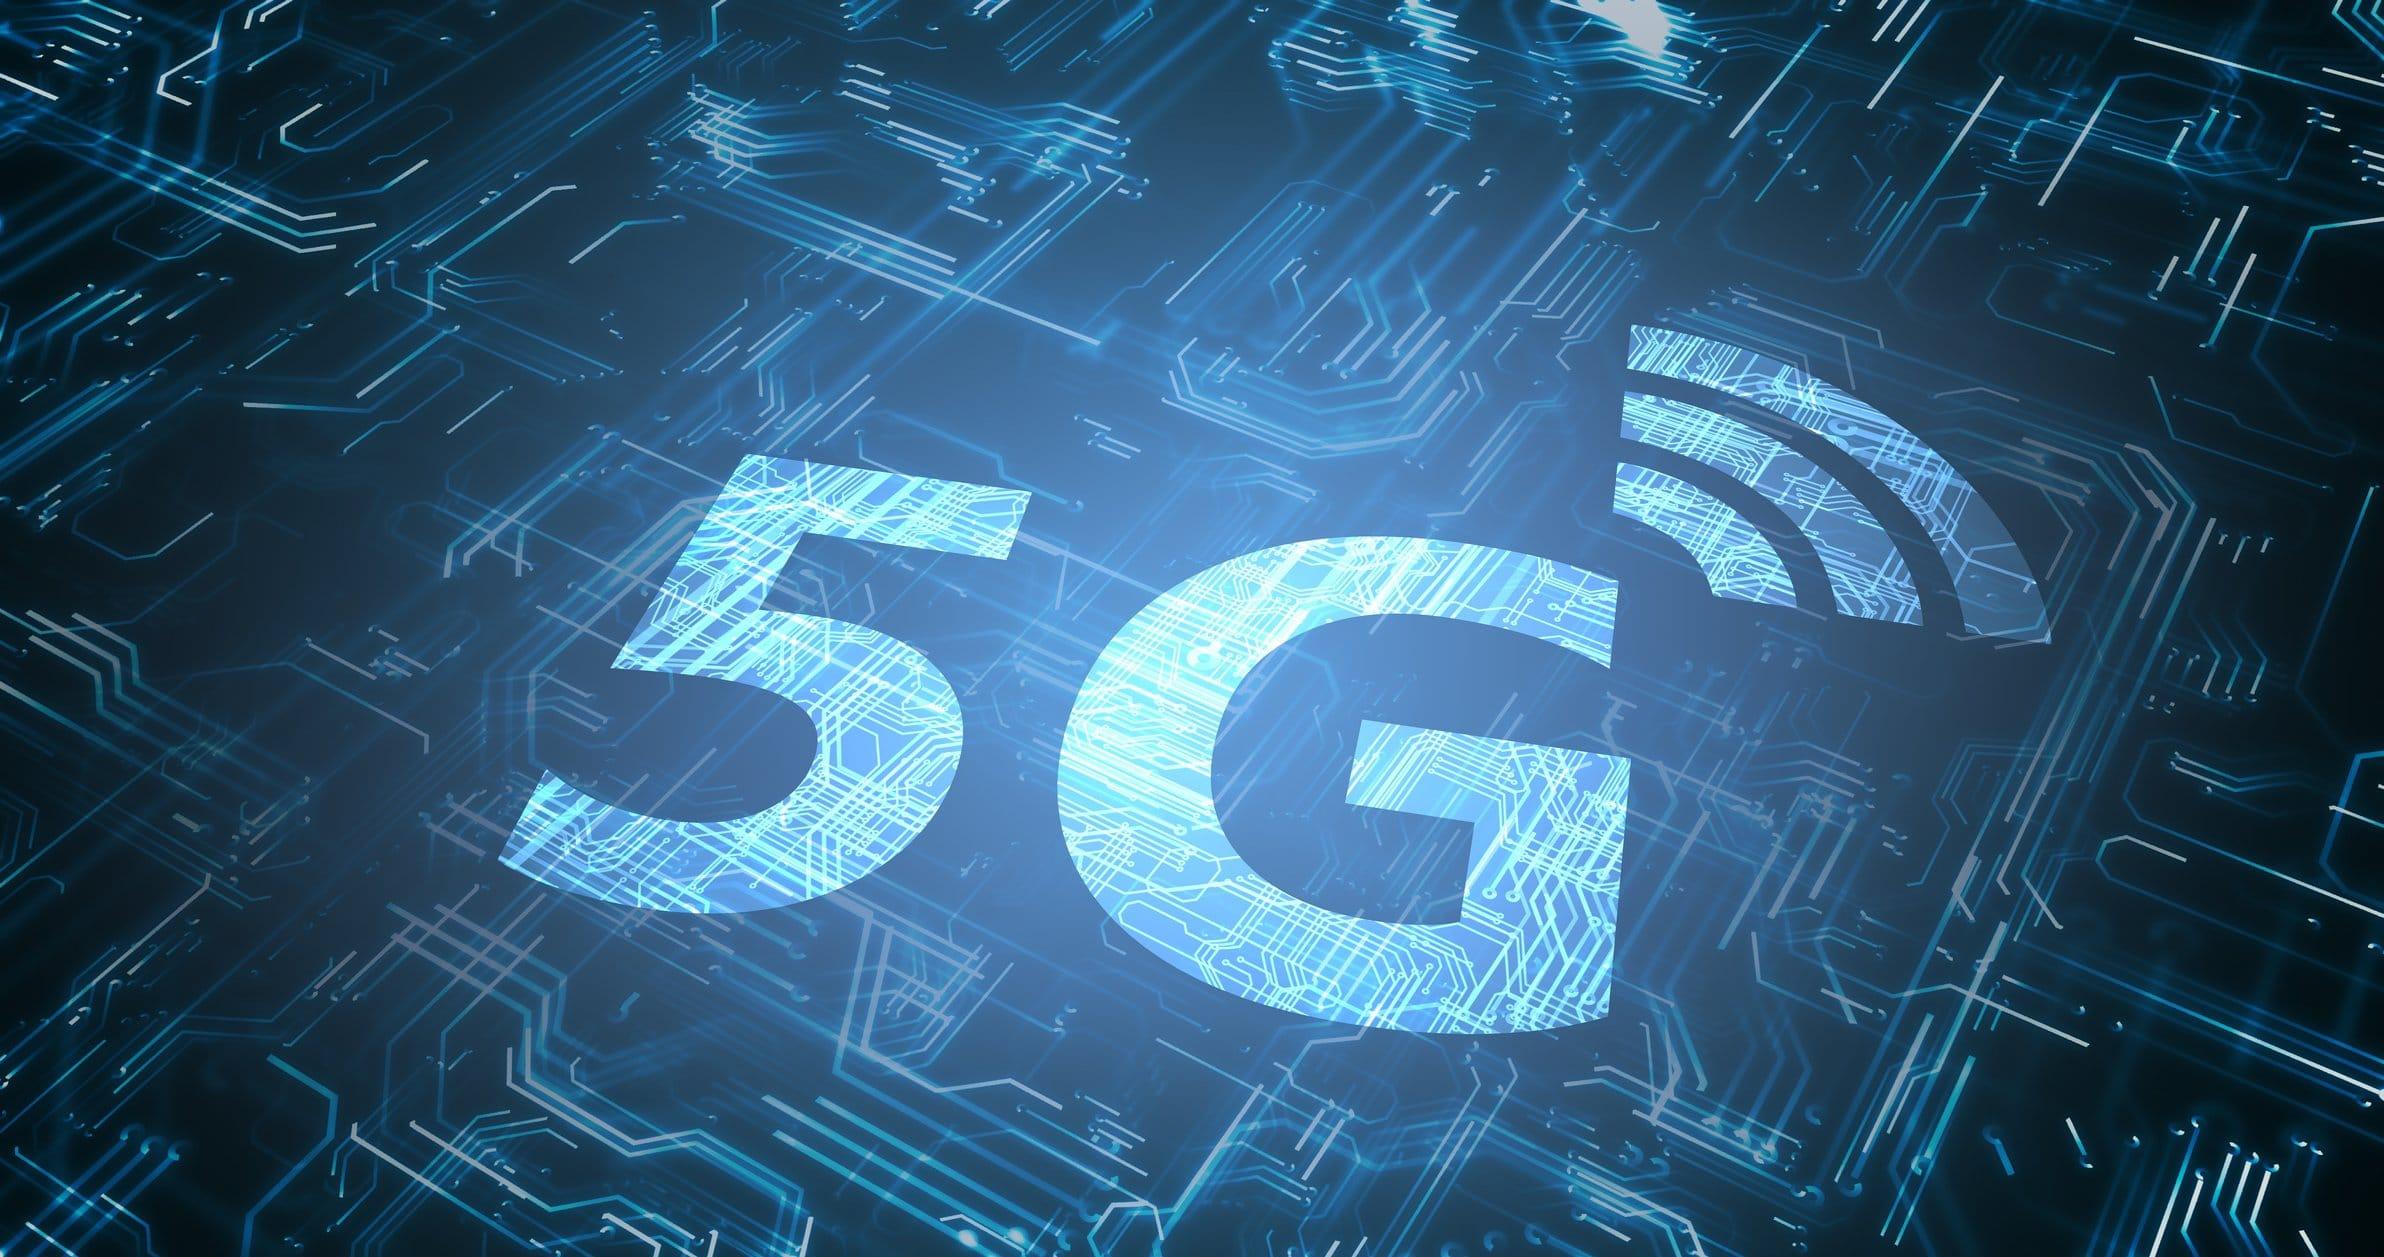 عمانتل تختبر بنجاح شبكة 5G المحسنة